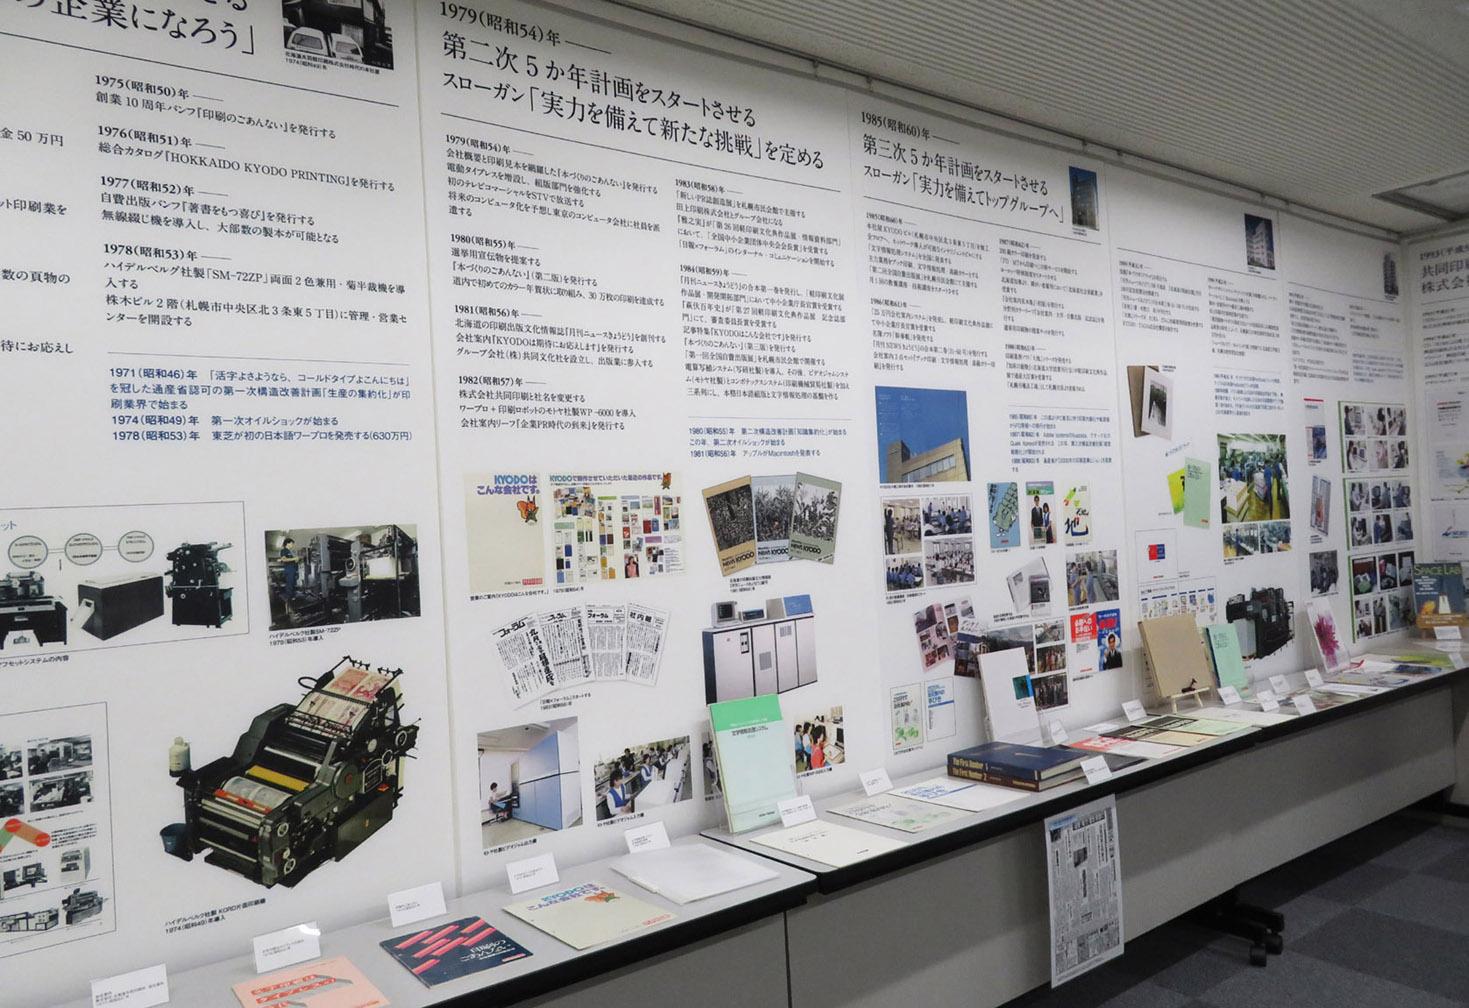 新設された歴史室、図書室も披露された(写真は歴史室)